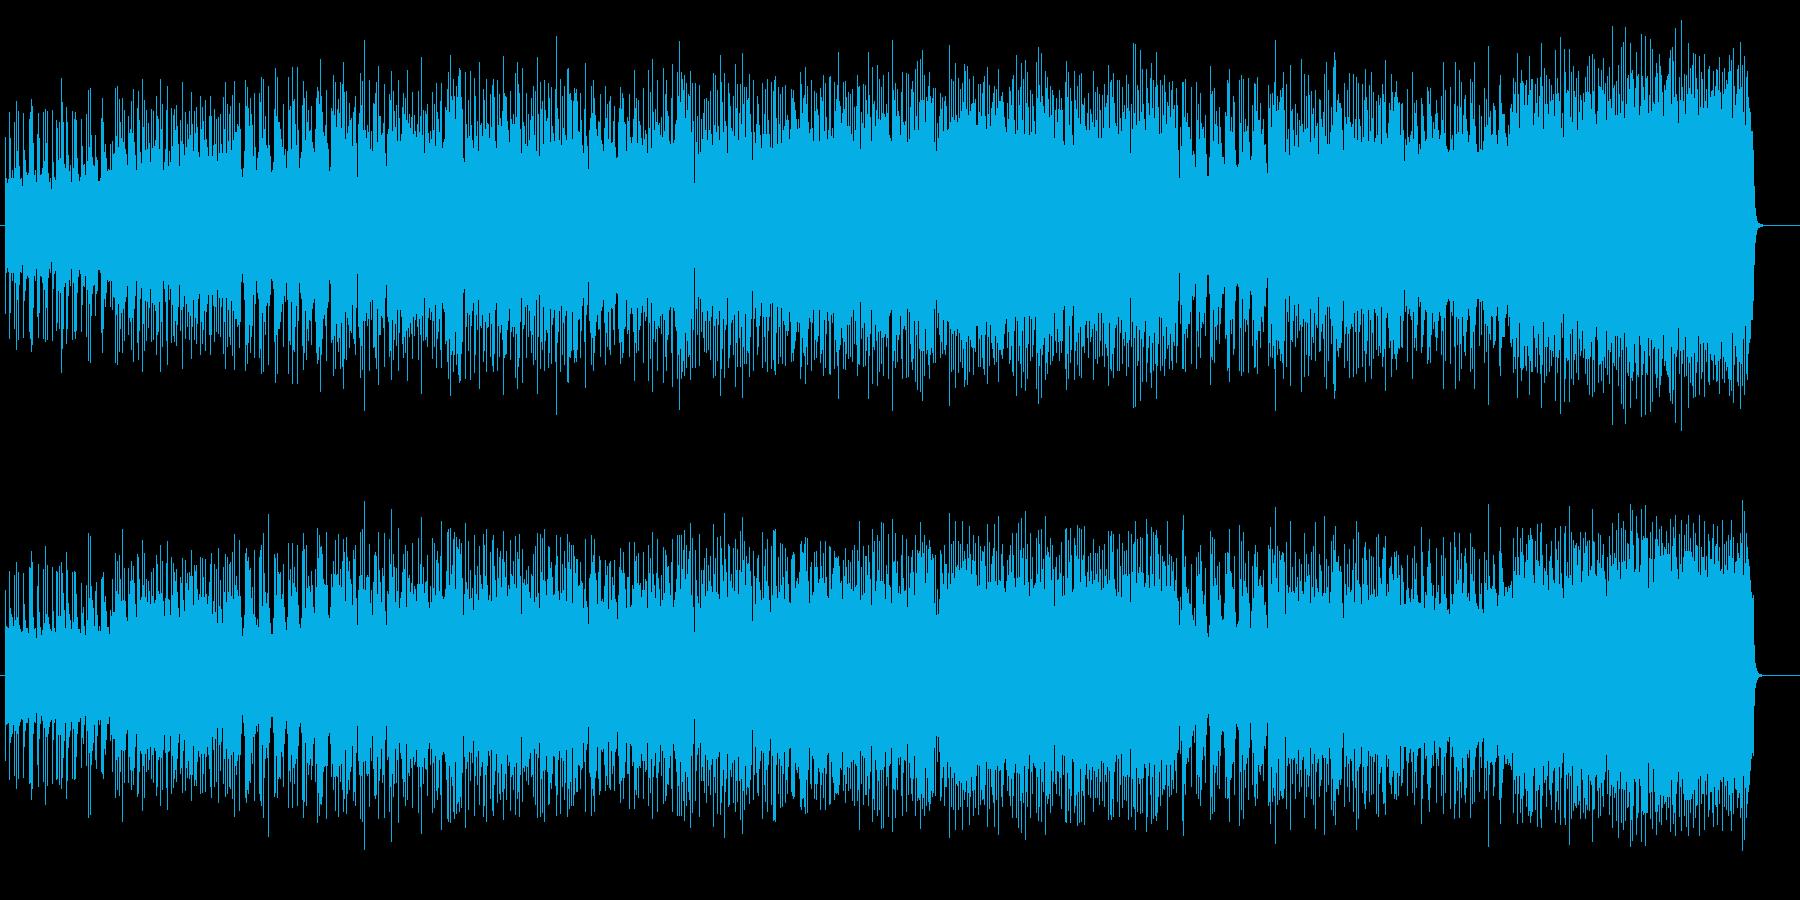 FRONTIERS/フロンティアーズの再生済みの波形